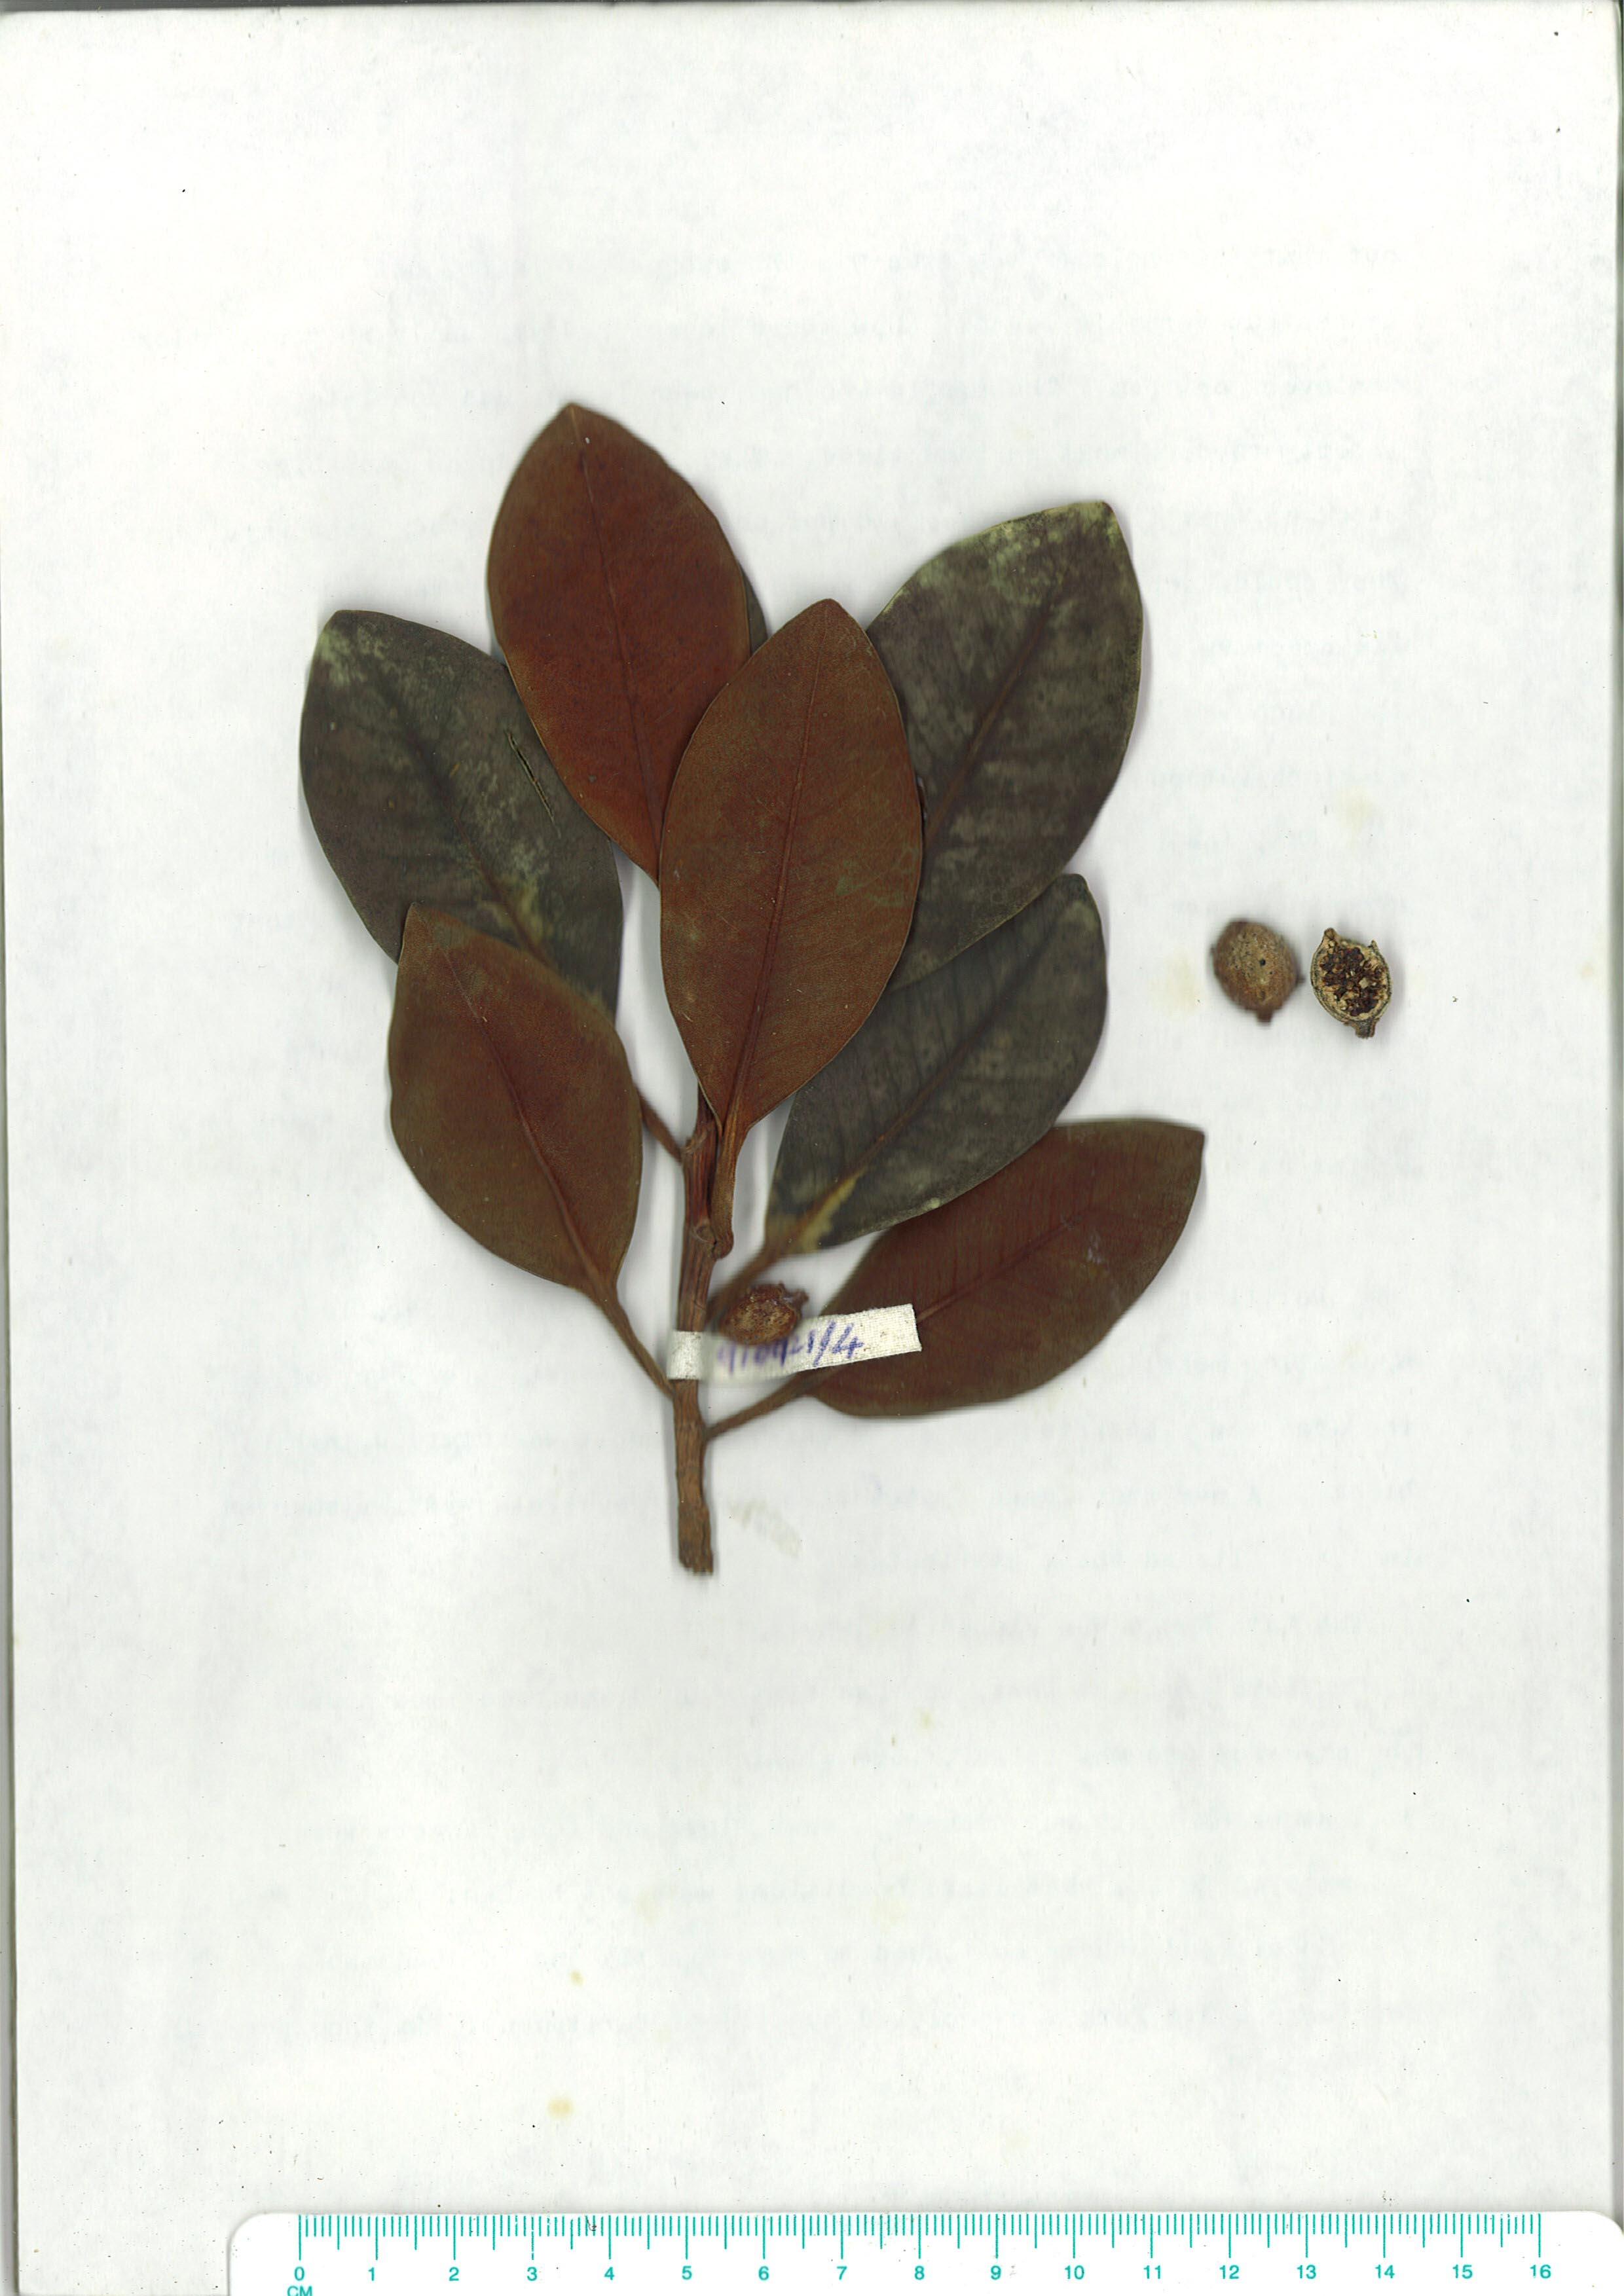 Scanned herbarium image Ficus rubiginosa